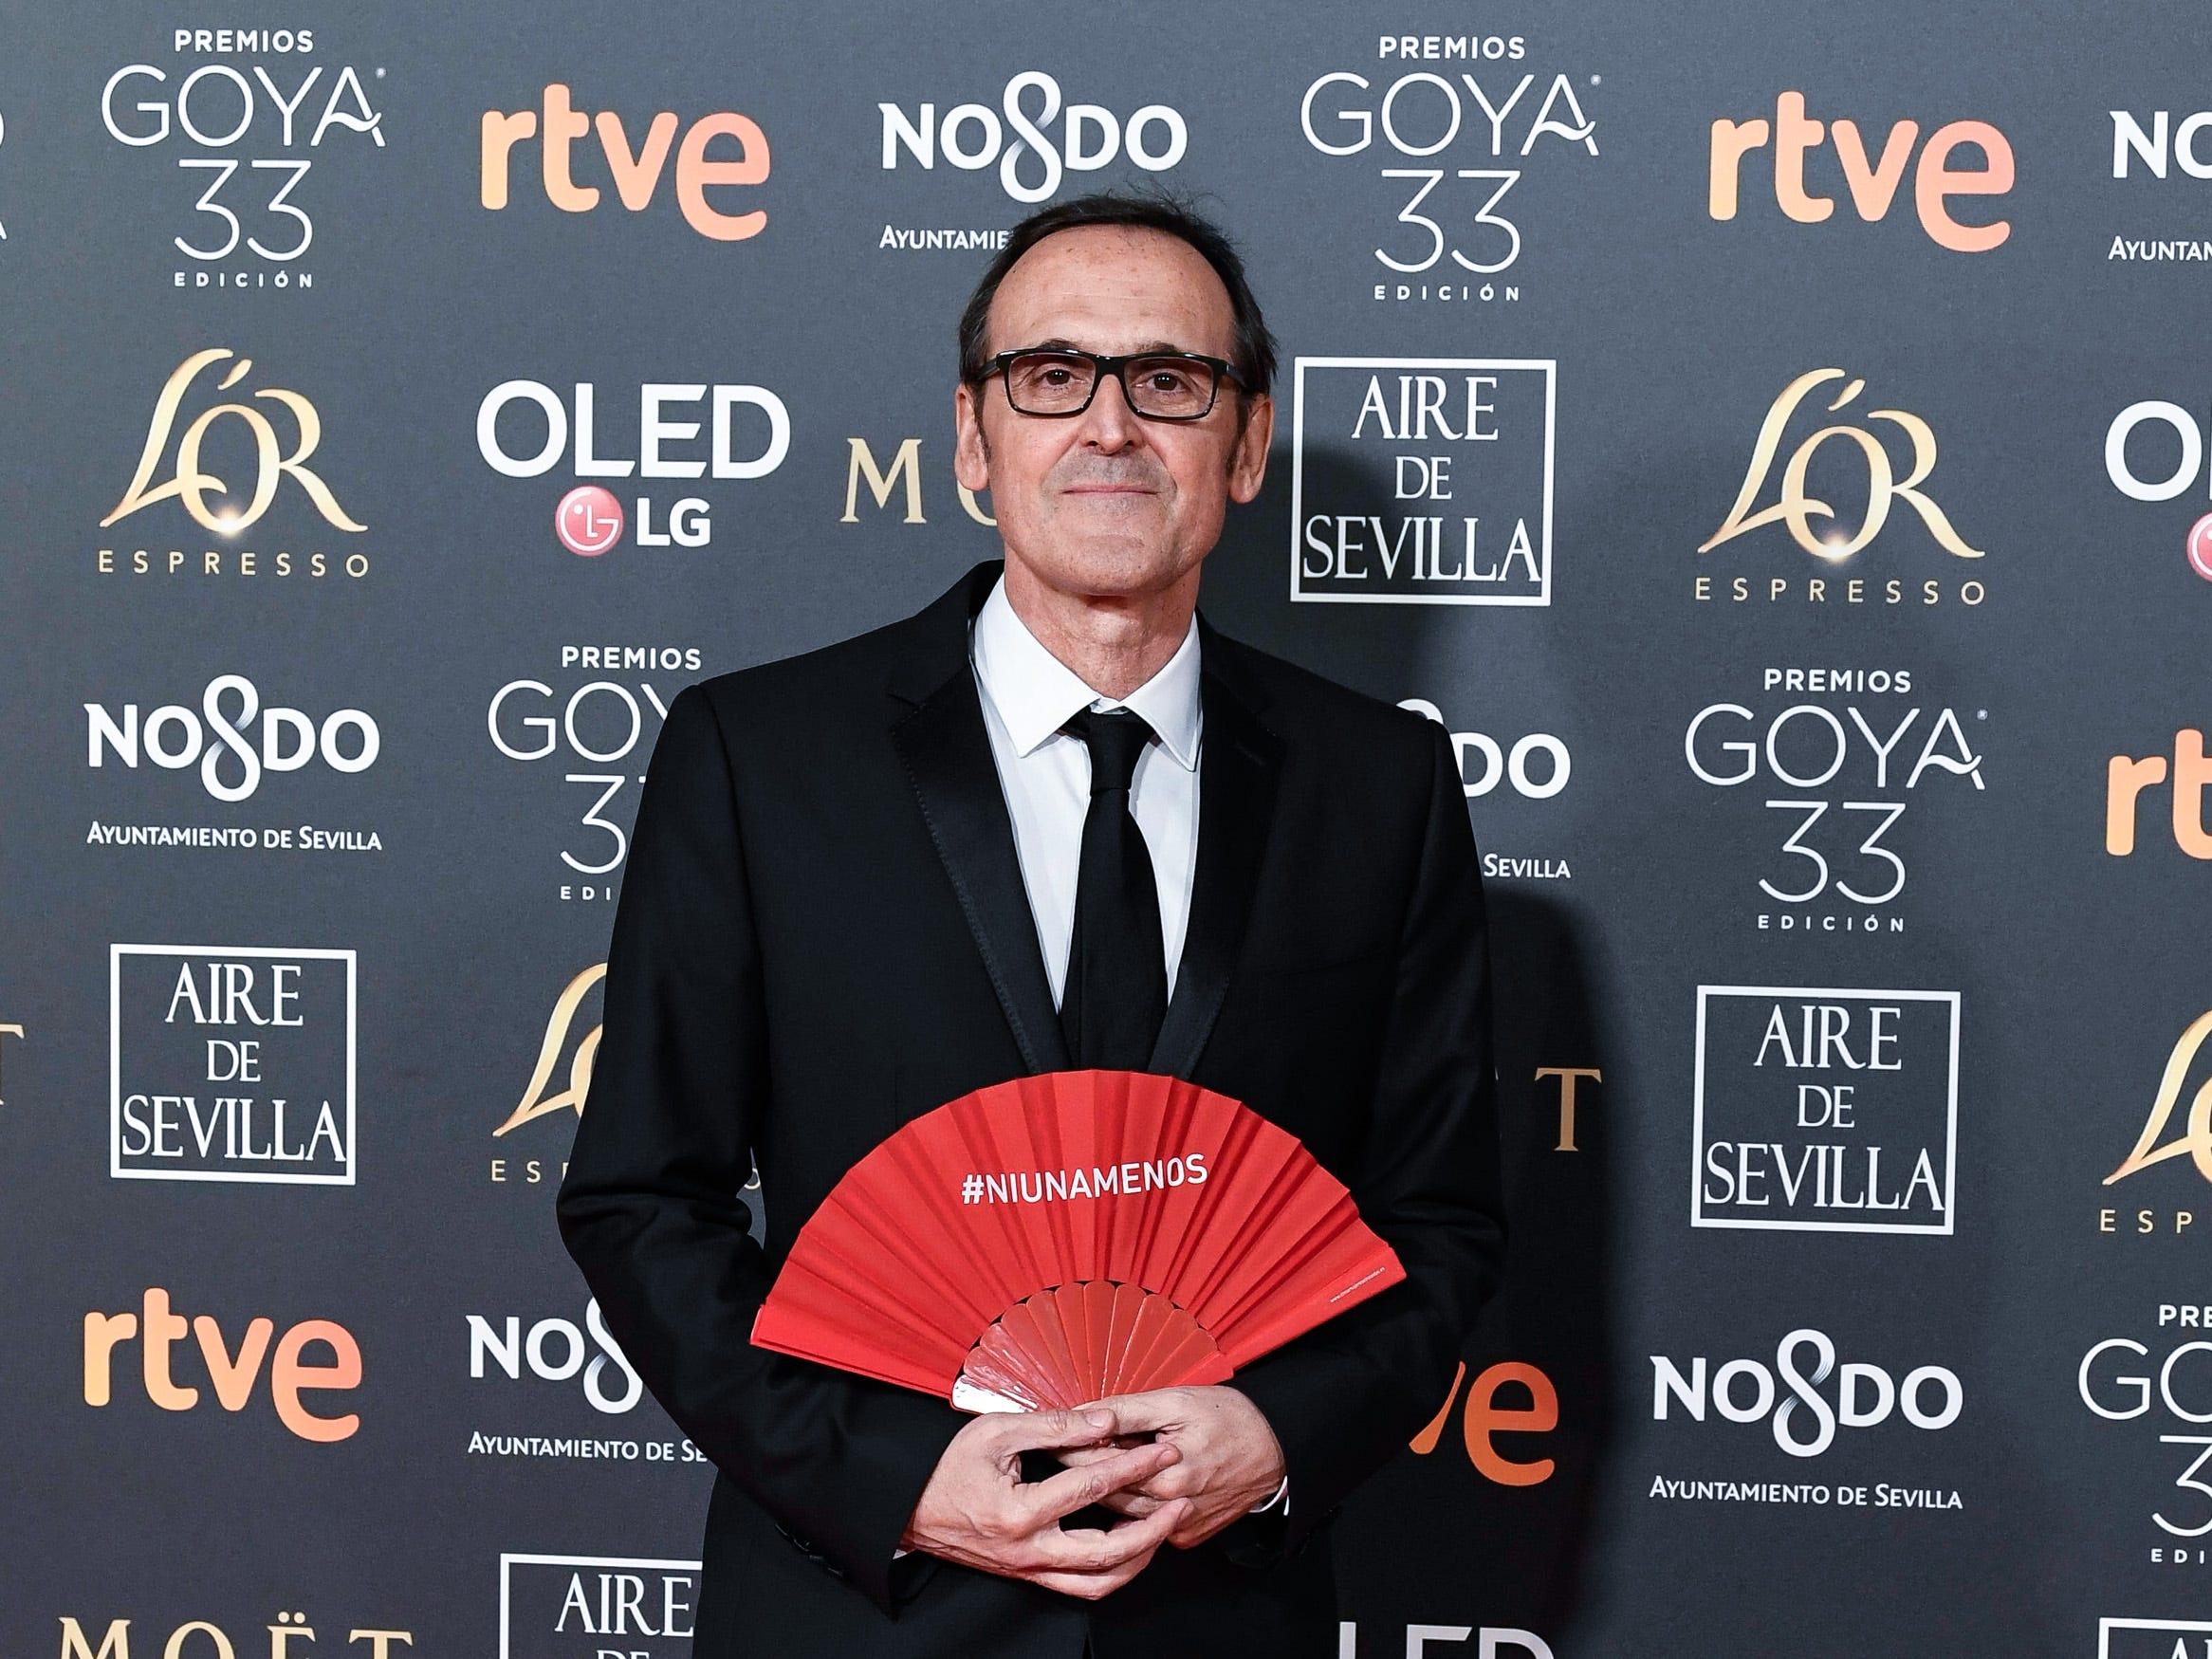 Alberto Iglesias asiste a la 33ª edición de los Premios de Cine Goya en el Palacio de Congresos y Exposiciones FIBES el 2 de febrero de 2019 en Sevilla, España.